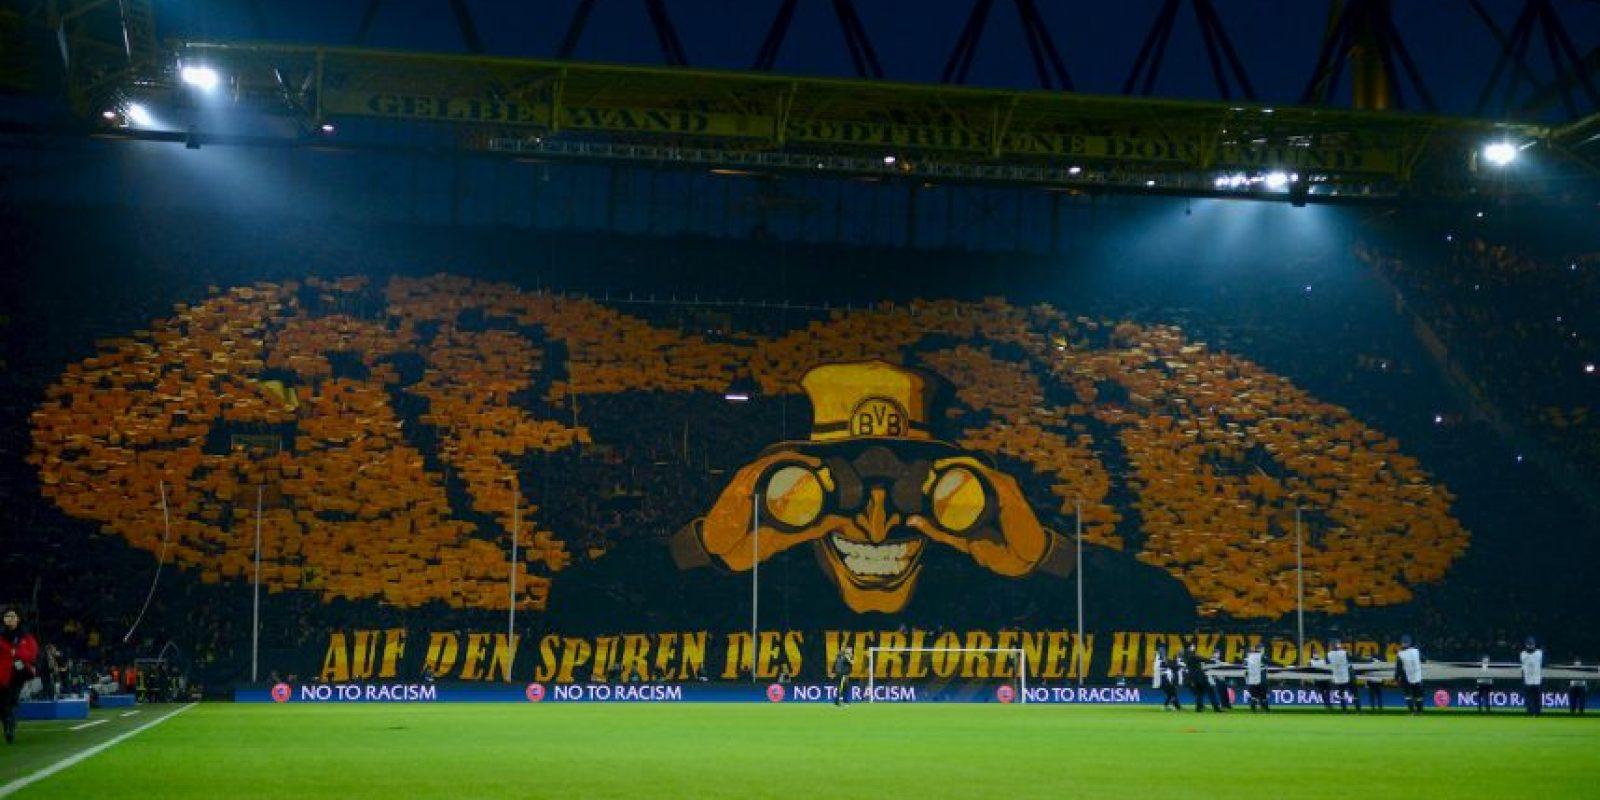 Es la casa del Borussia Dortmund, se inauguró en 1974 (con el nombre de Westfalenstadion) y tiene capacidad para 80 mil espectadores. Foto:Getty Images